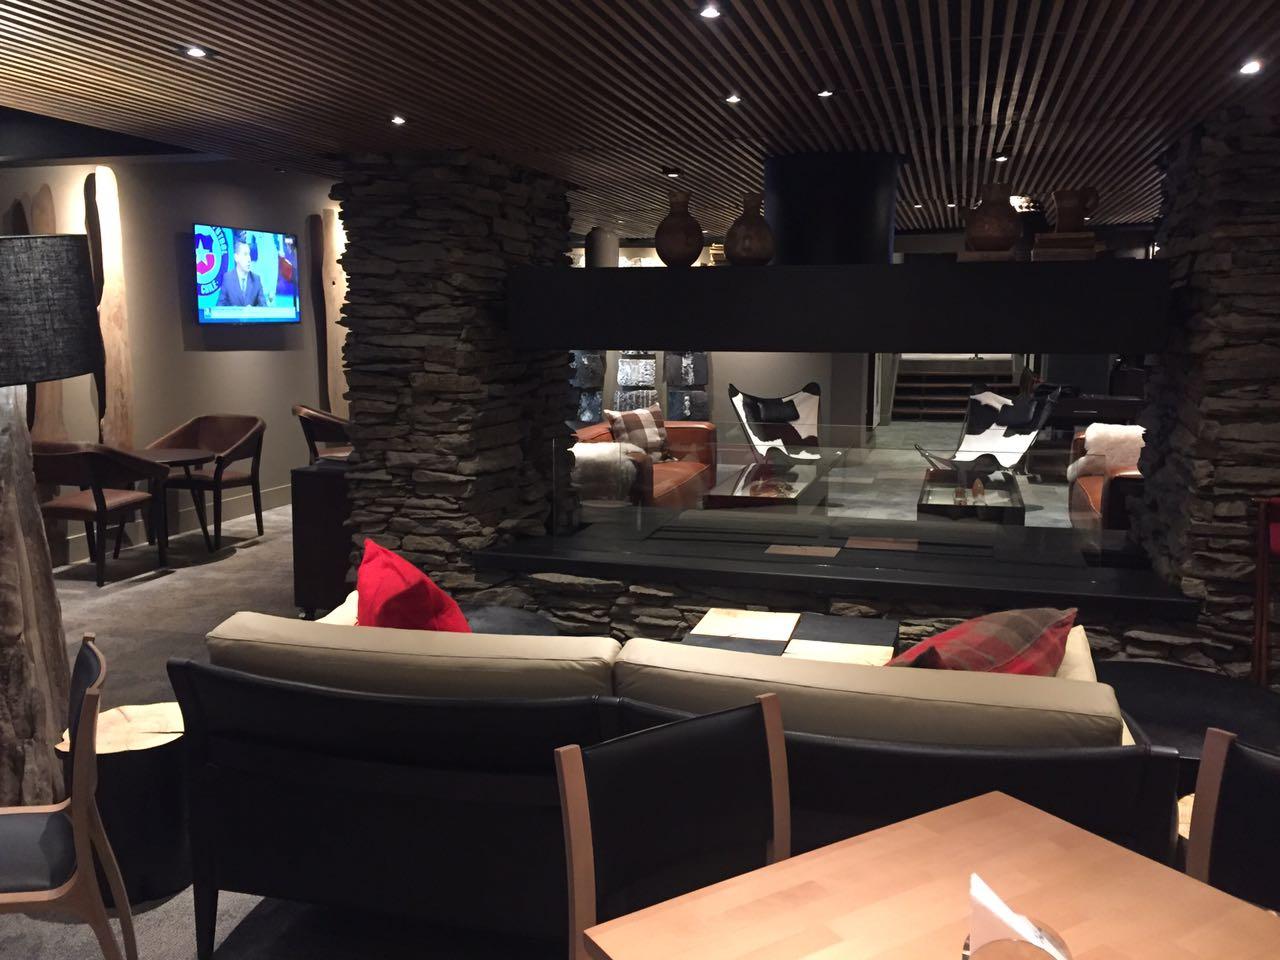 Restaurante Valle Lounge terá café da manhã e almoço para os visitantes Divulgação andes valle nevado